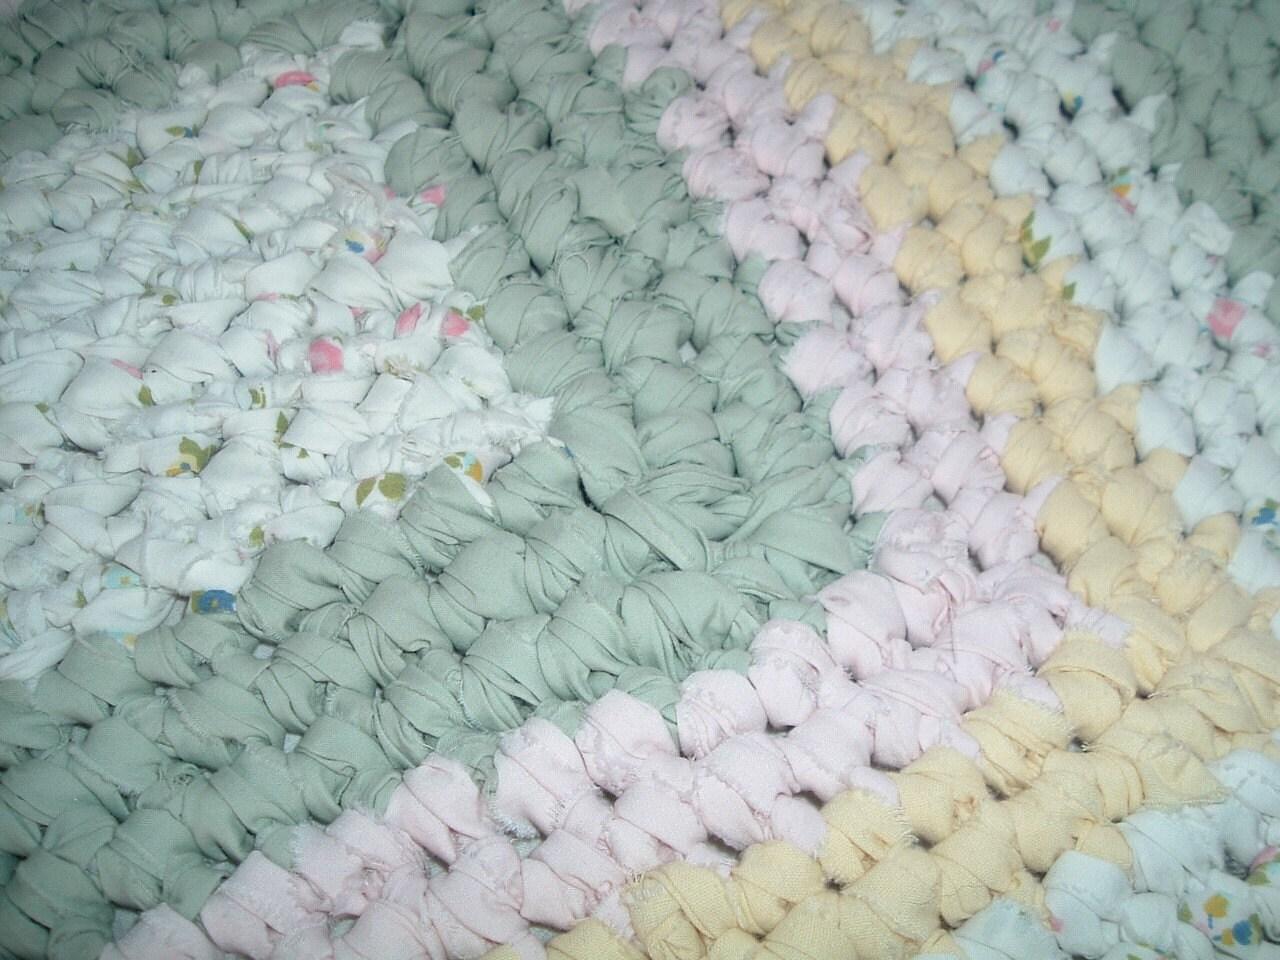 Crocheted rectangular shabby chic rag rug pinks by yarnsoffun